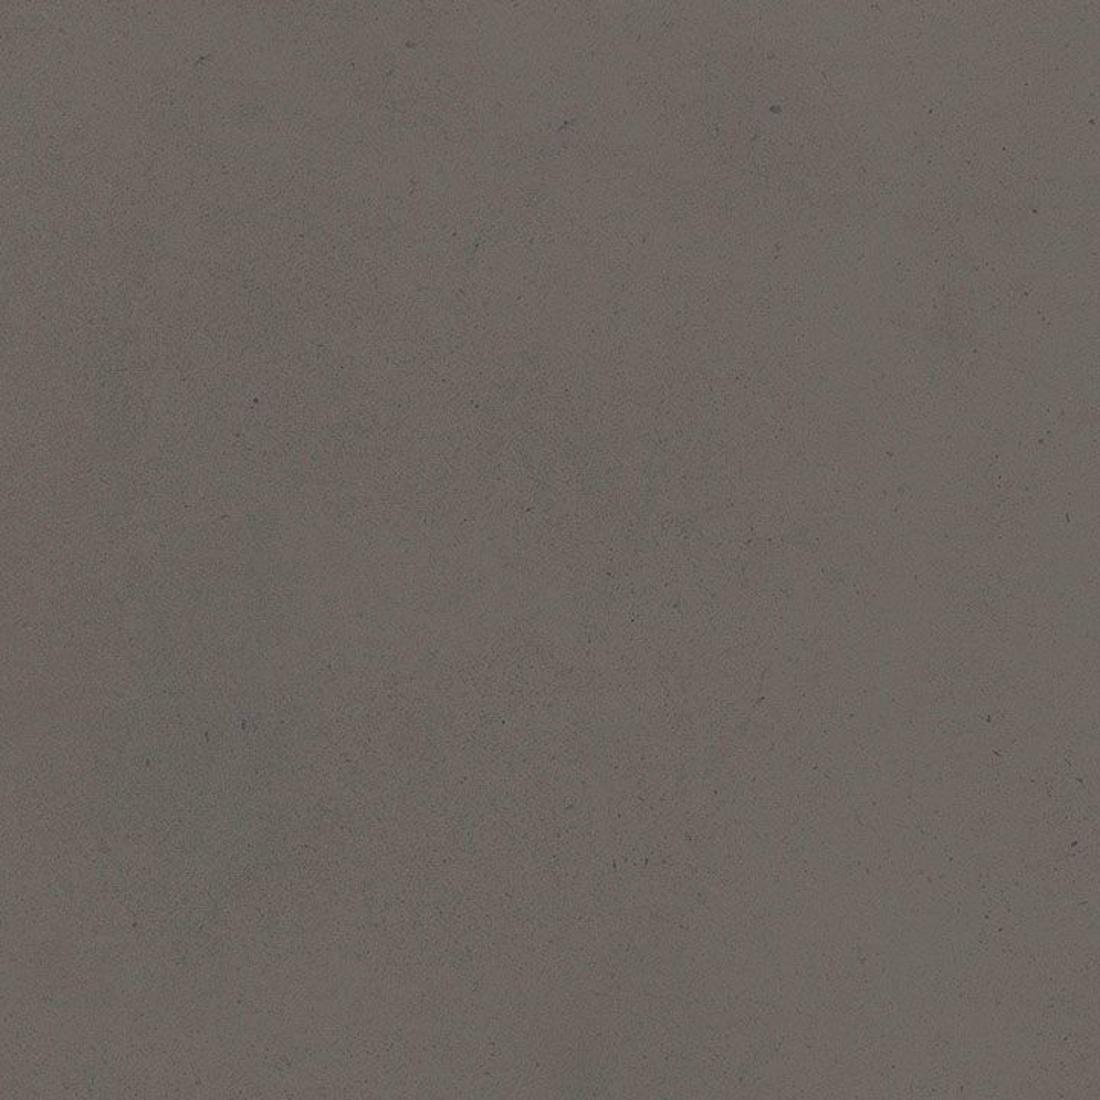 Picture of Palomastone Graphite 60X60cm